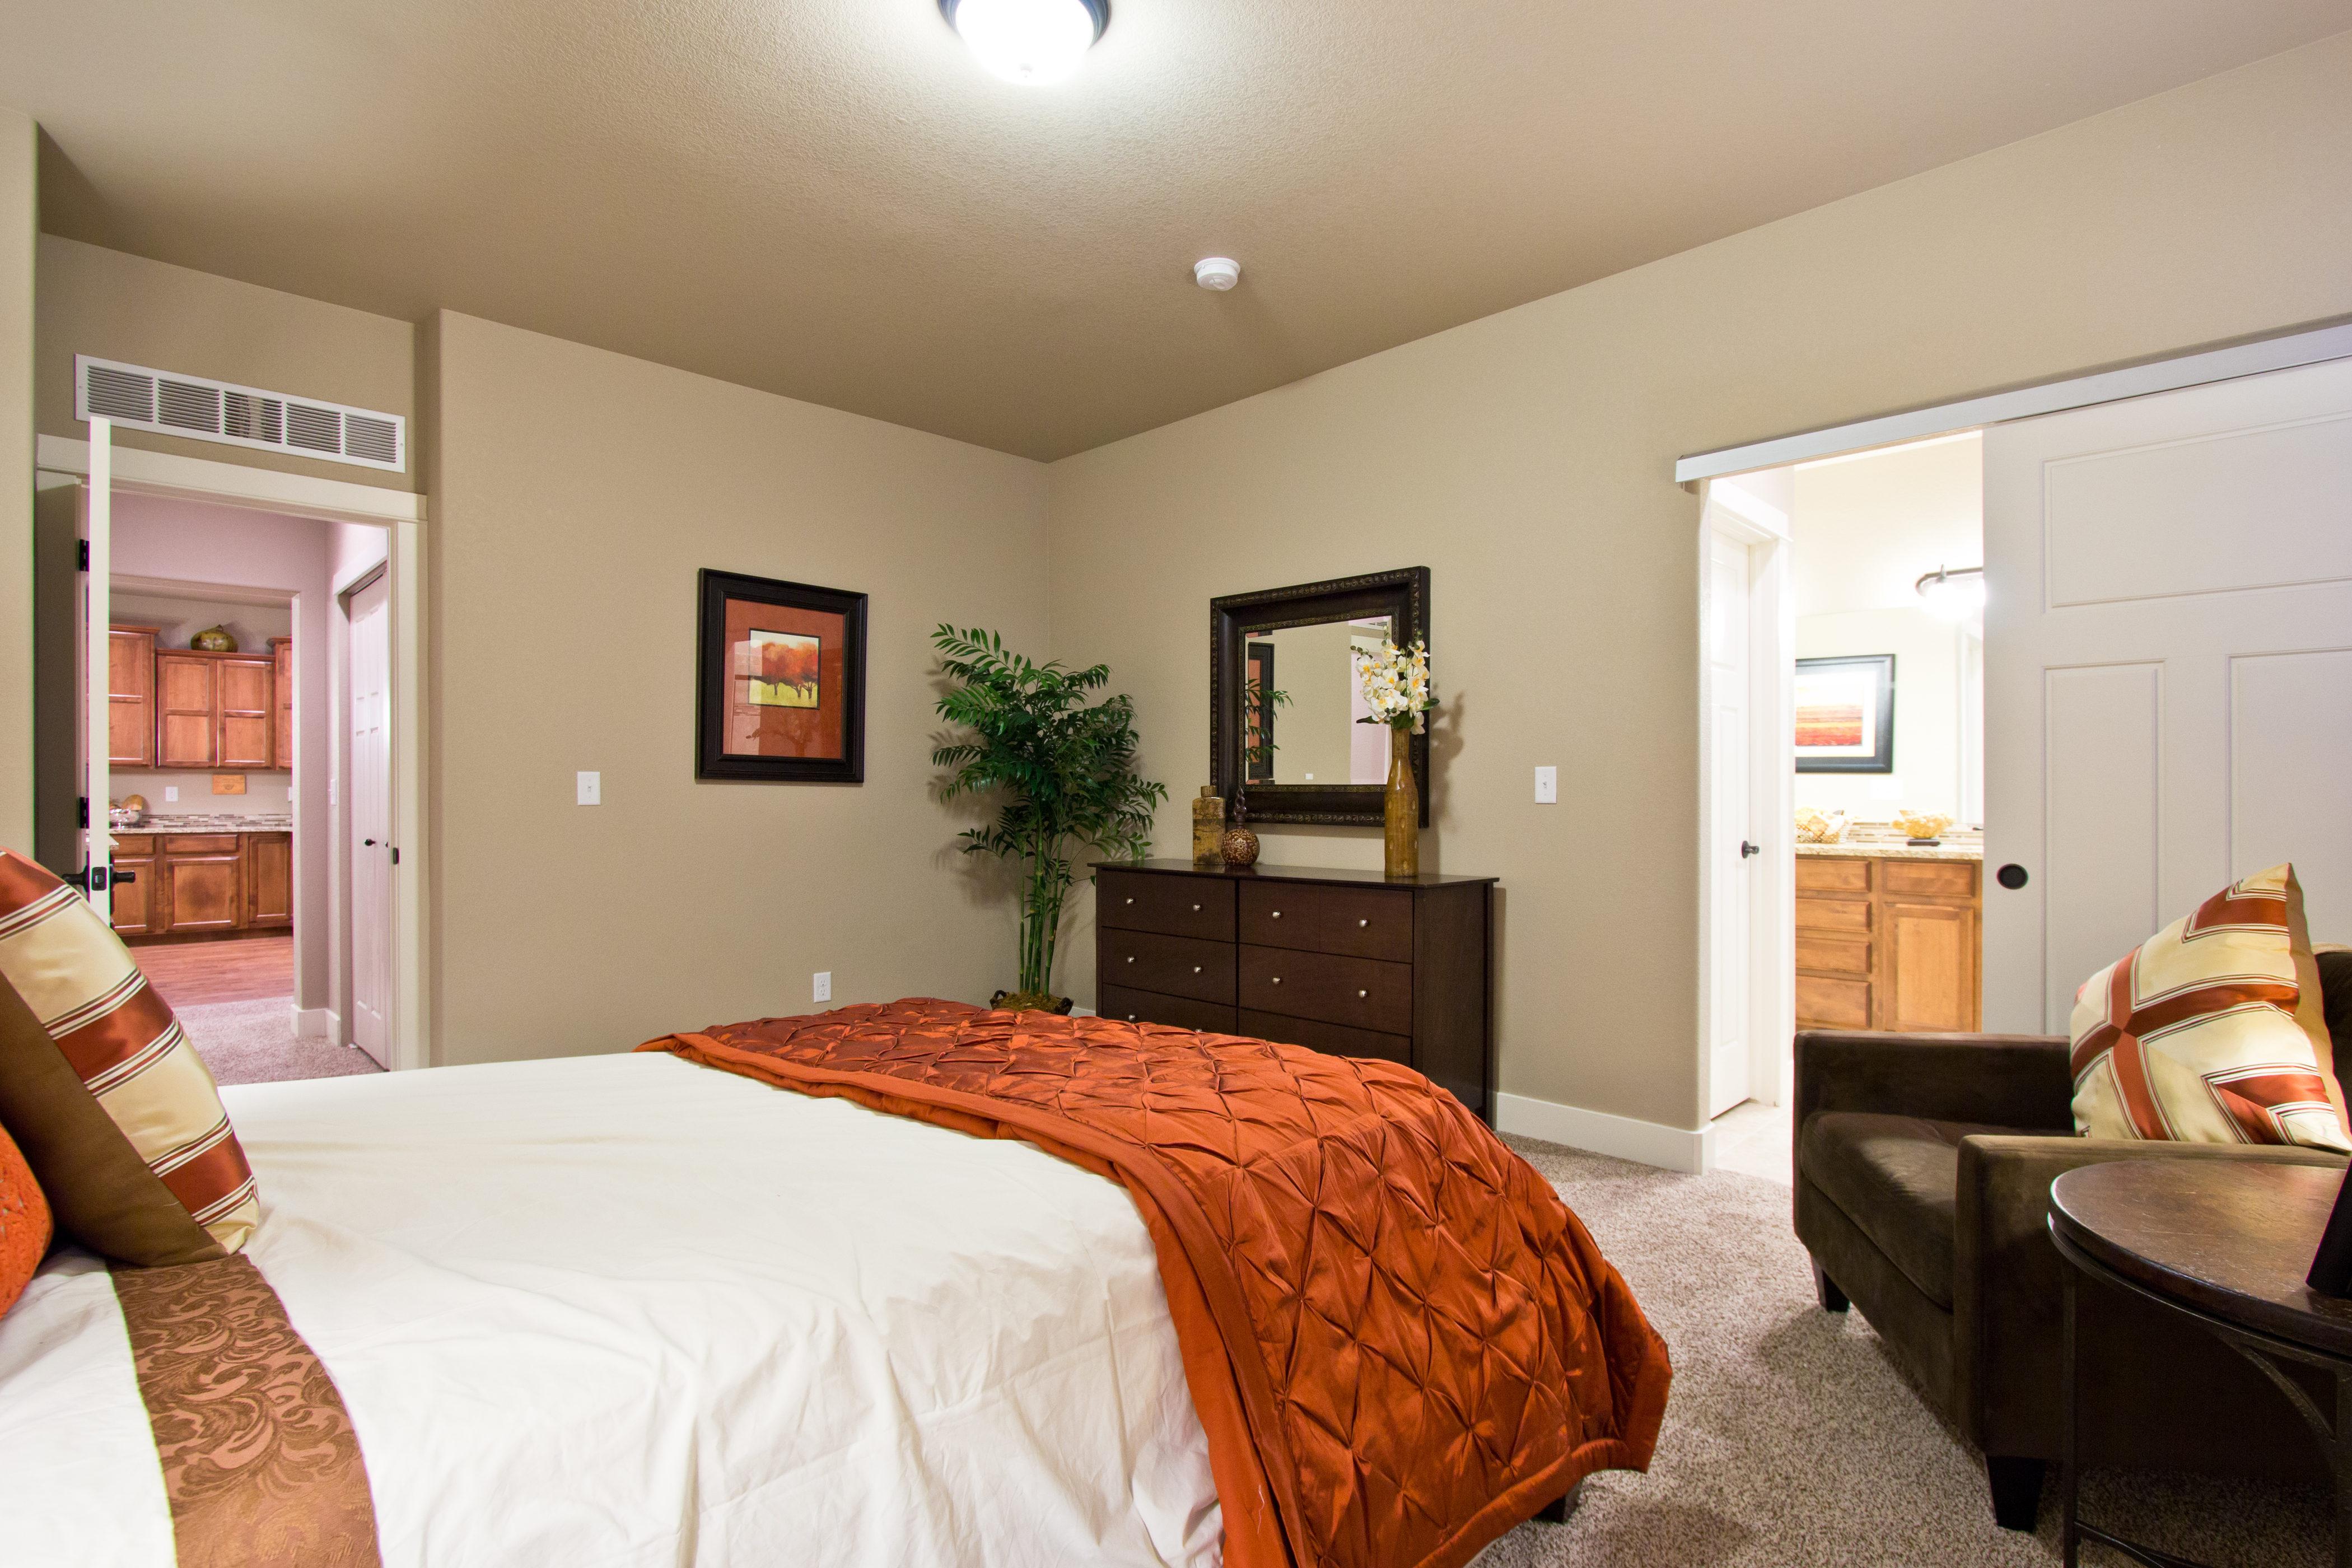 18_durango_loveland_master_20bedroom_new_20house_20for_20sale